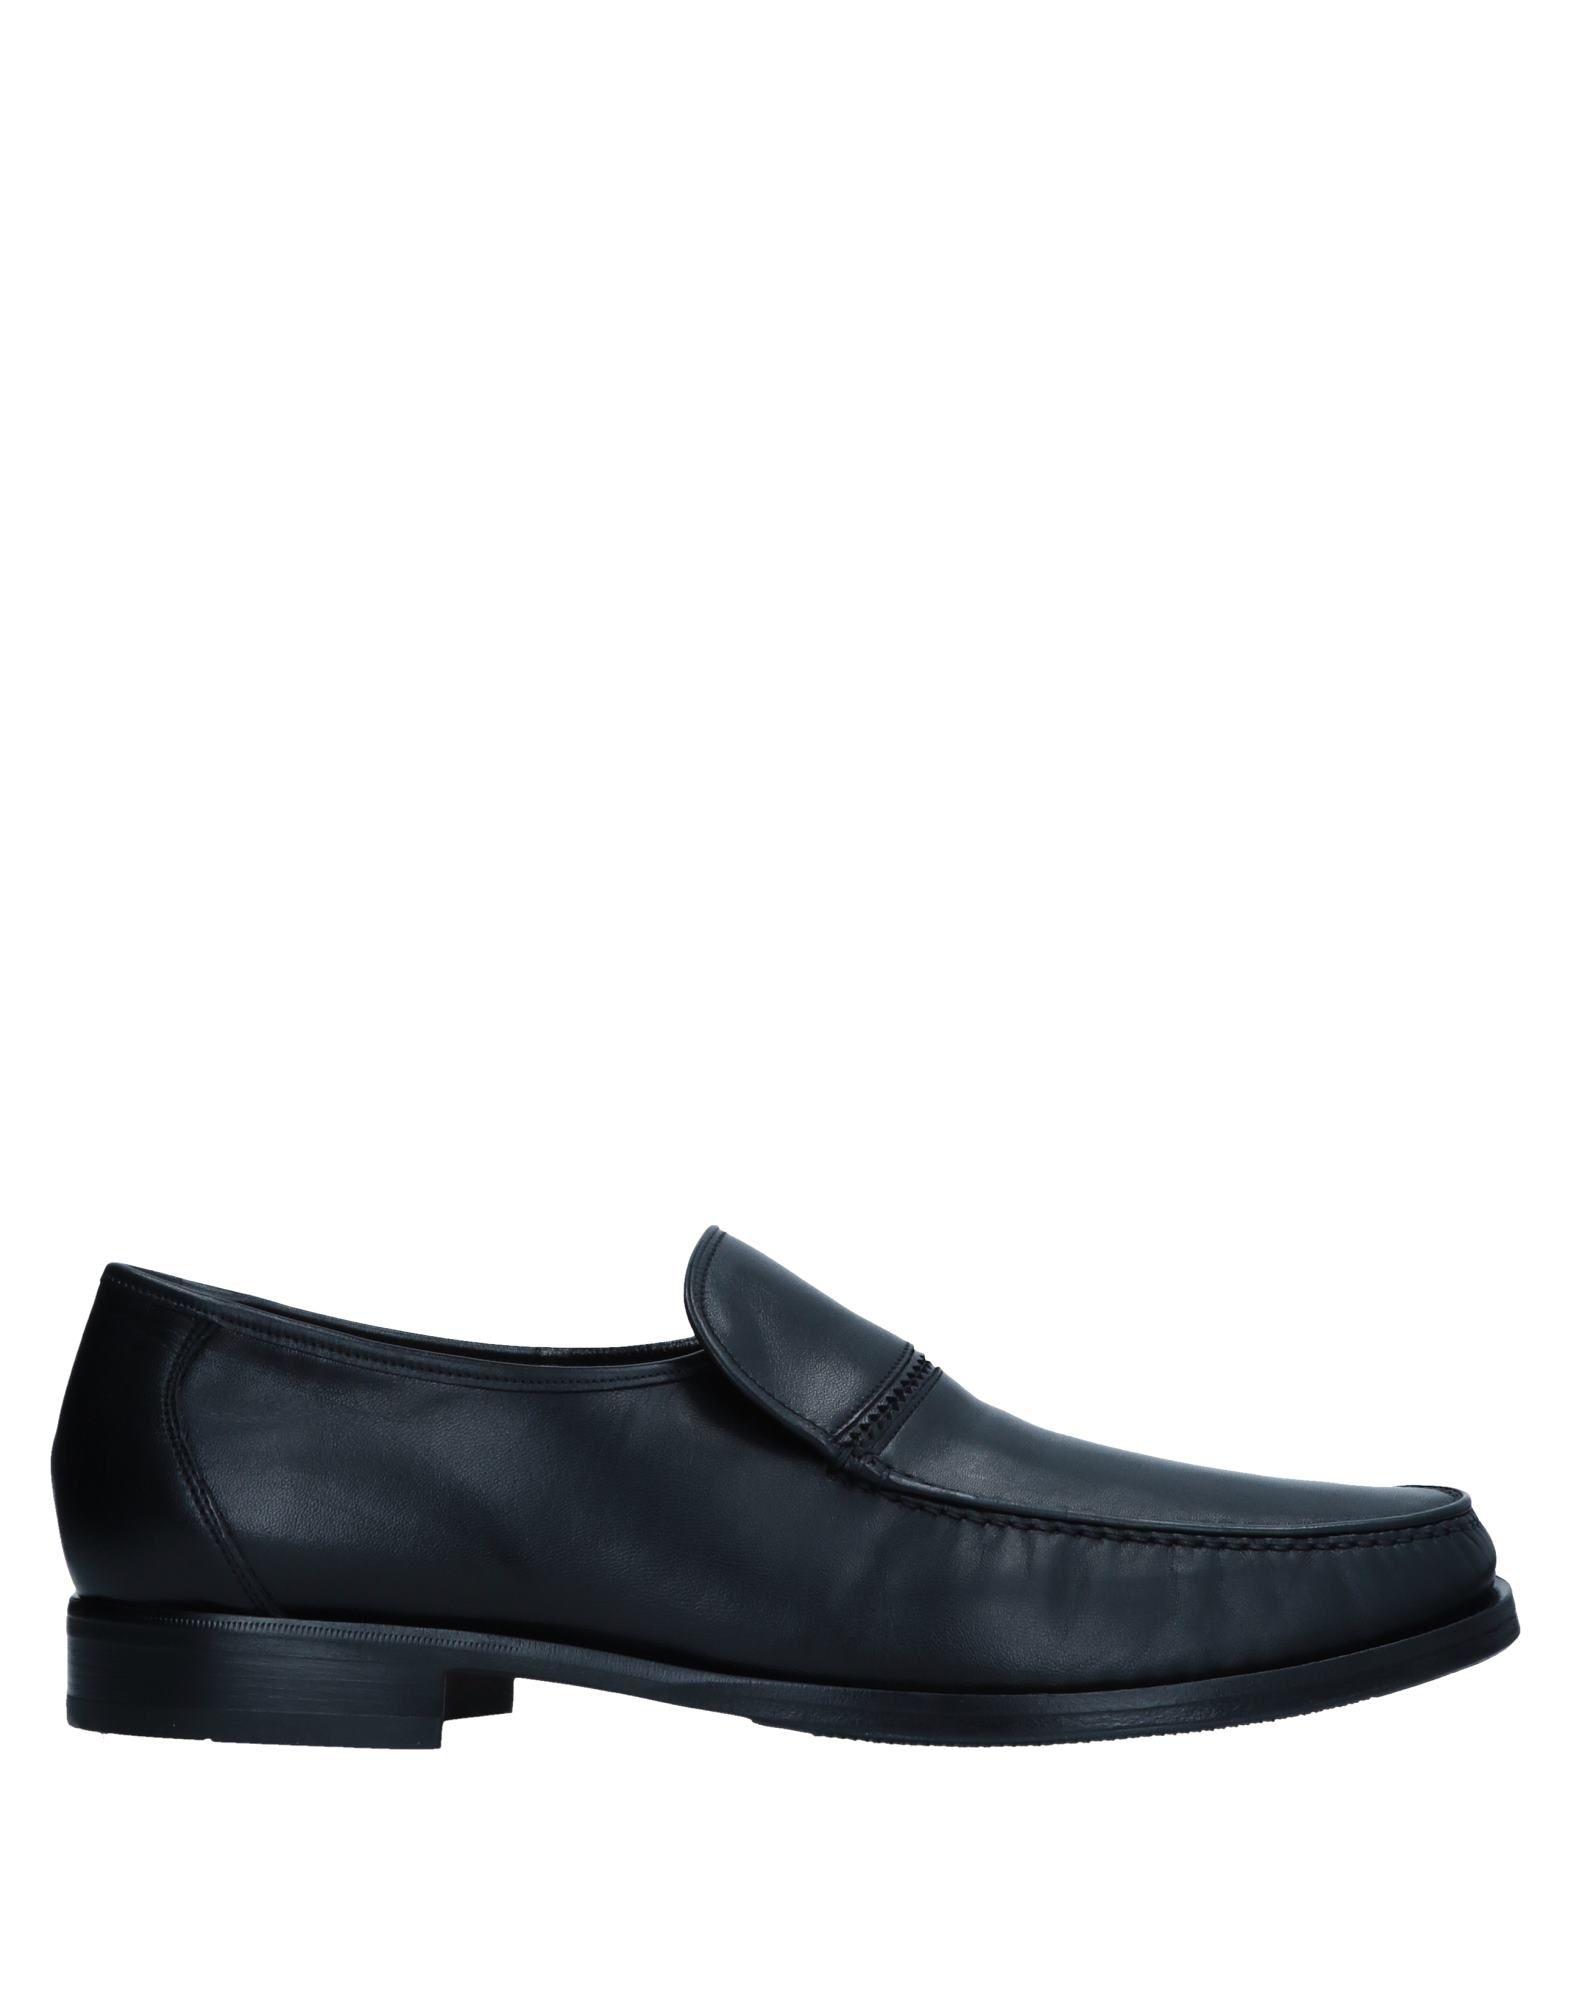 Rabatt echte Schuhe Calzaturificio Olimpo's Mokassins Herren  11557799SF